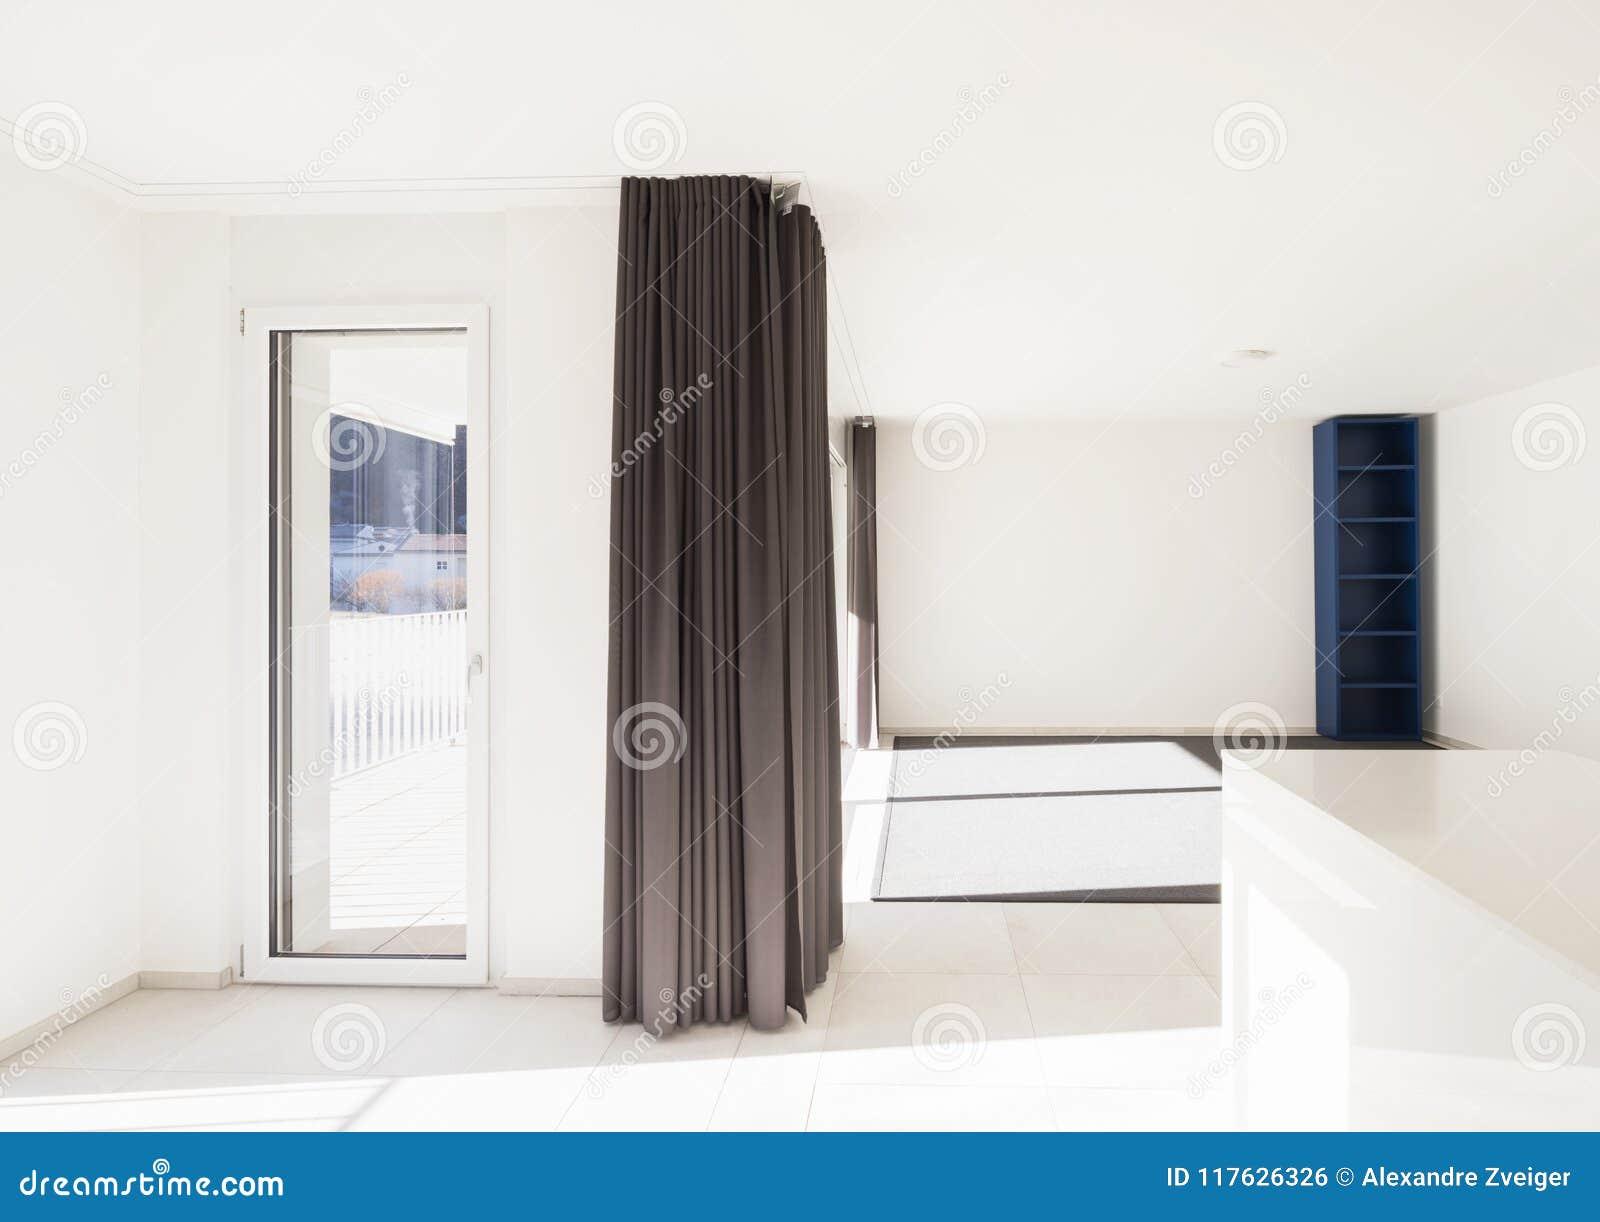 Moderner Offener Raum Mit Wohnzimmer Und Küche Stockfoto Bild Von